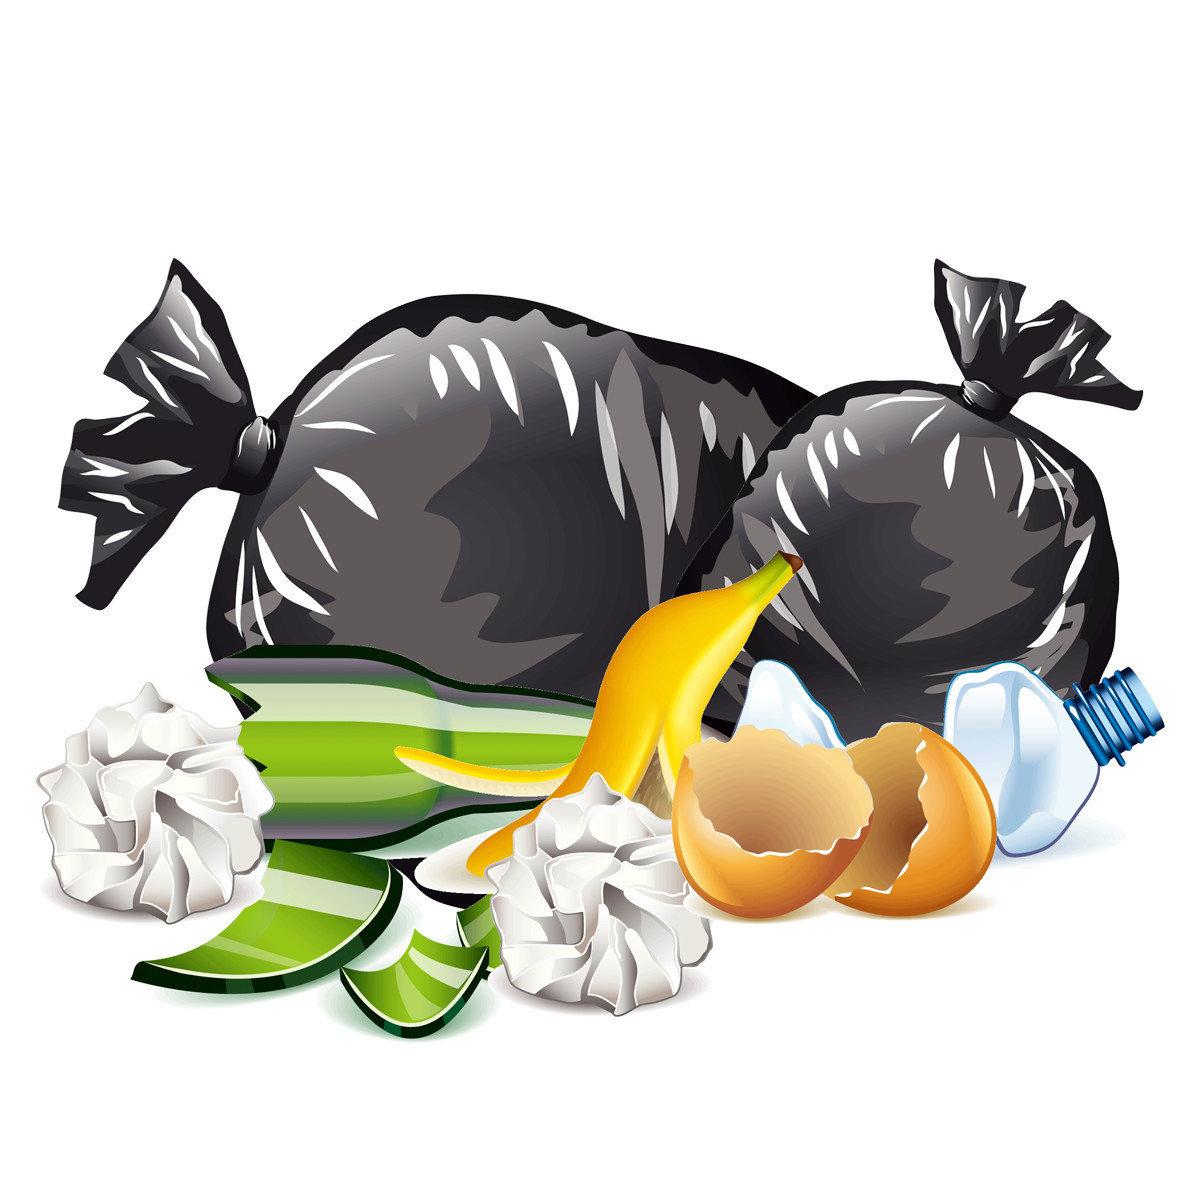 野貓肚子若餓了。放在路邊的垃圾,是非常好的取食處。使用銳利的爪子可以輕易的將塑膠袋撕破,因此經常會看到亂糟糟的散落在路上。